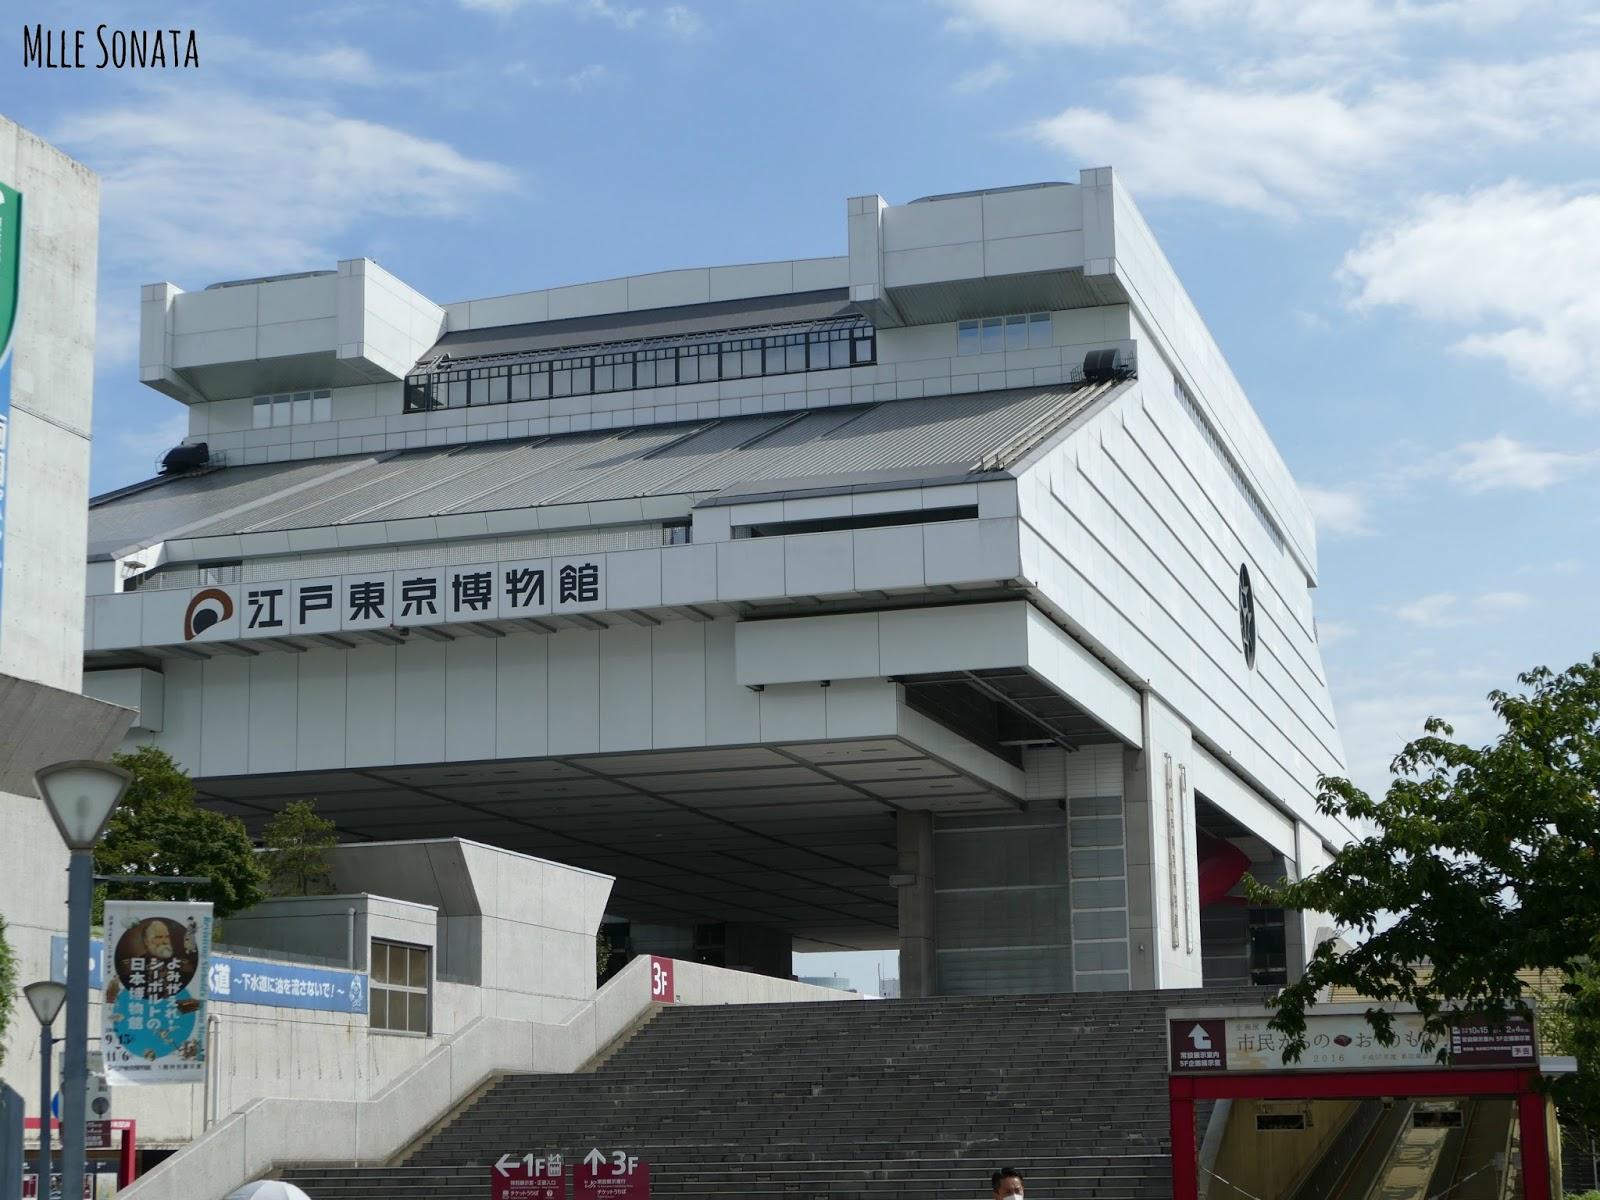 Superbe musée Edo Tokyo. A voir absolument. Guide francophone bénévole. Nous avons passé plus de 3h dans le musée et on ne s'est pas ennuyé une seule seconde. La guide japonaise était adorable. L'un de nos meilleurs moments.